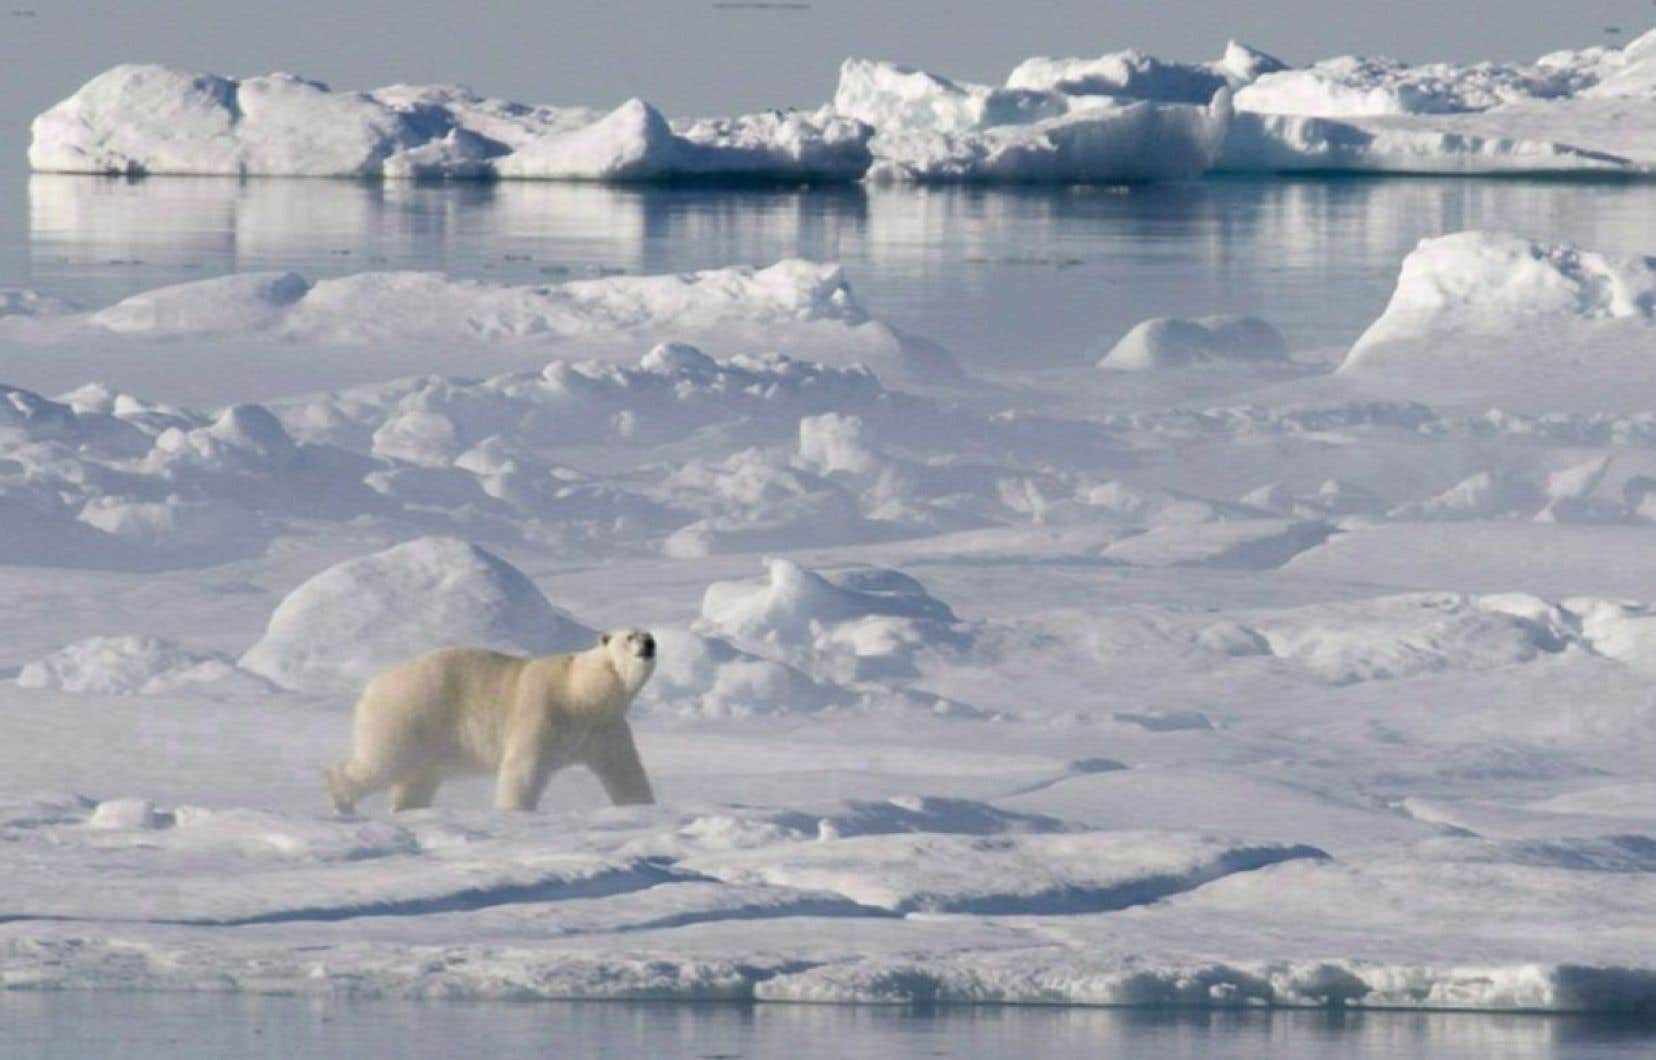 Outre les fonds marins, une étude britannique publiée le mois dernier indique que le pergélisol de toute la zone arctique pourrait commencer à dégeler de façon durable d'ici 10 à 30 ans.